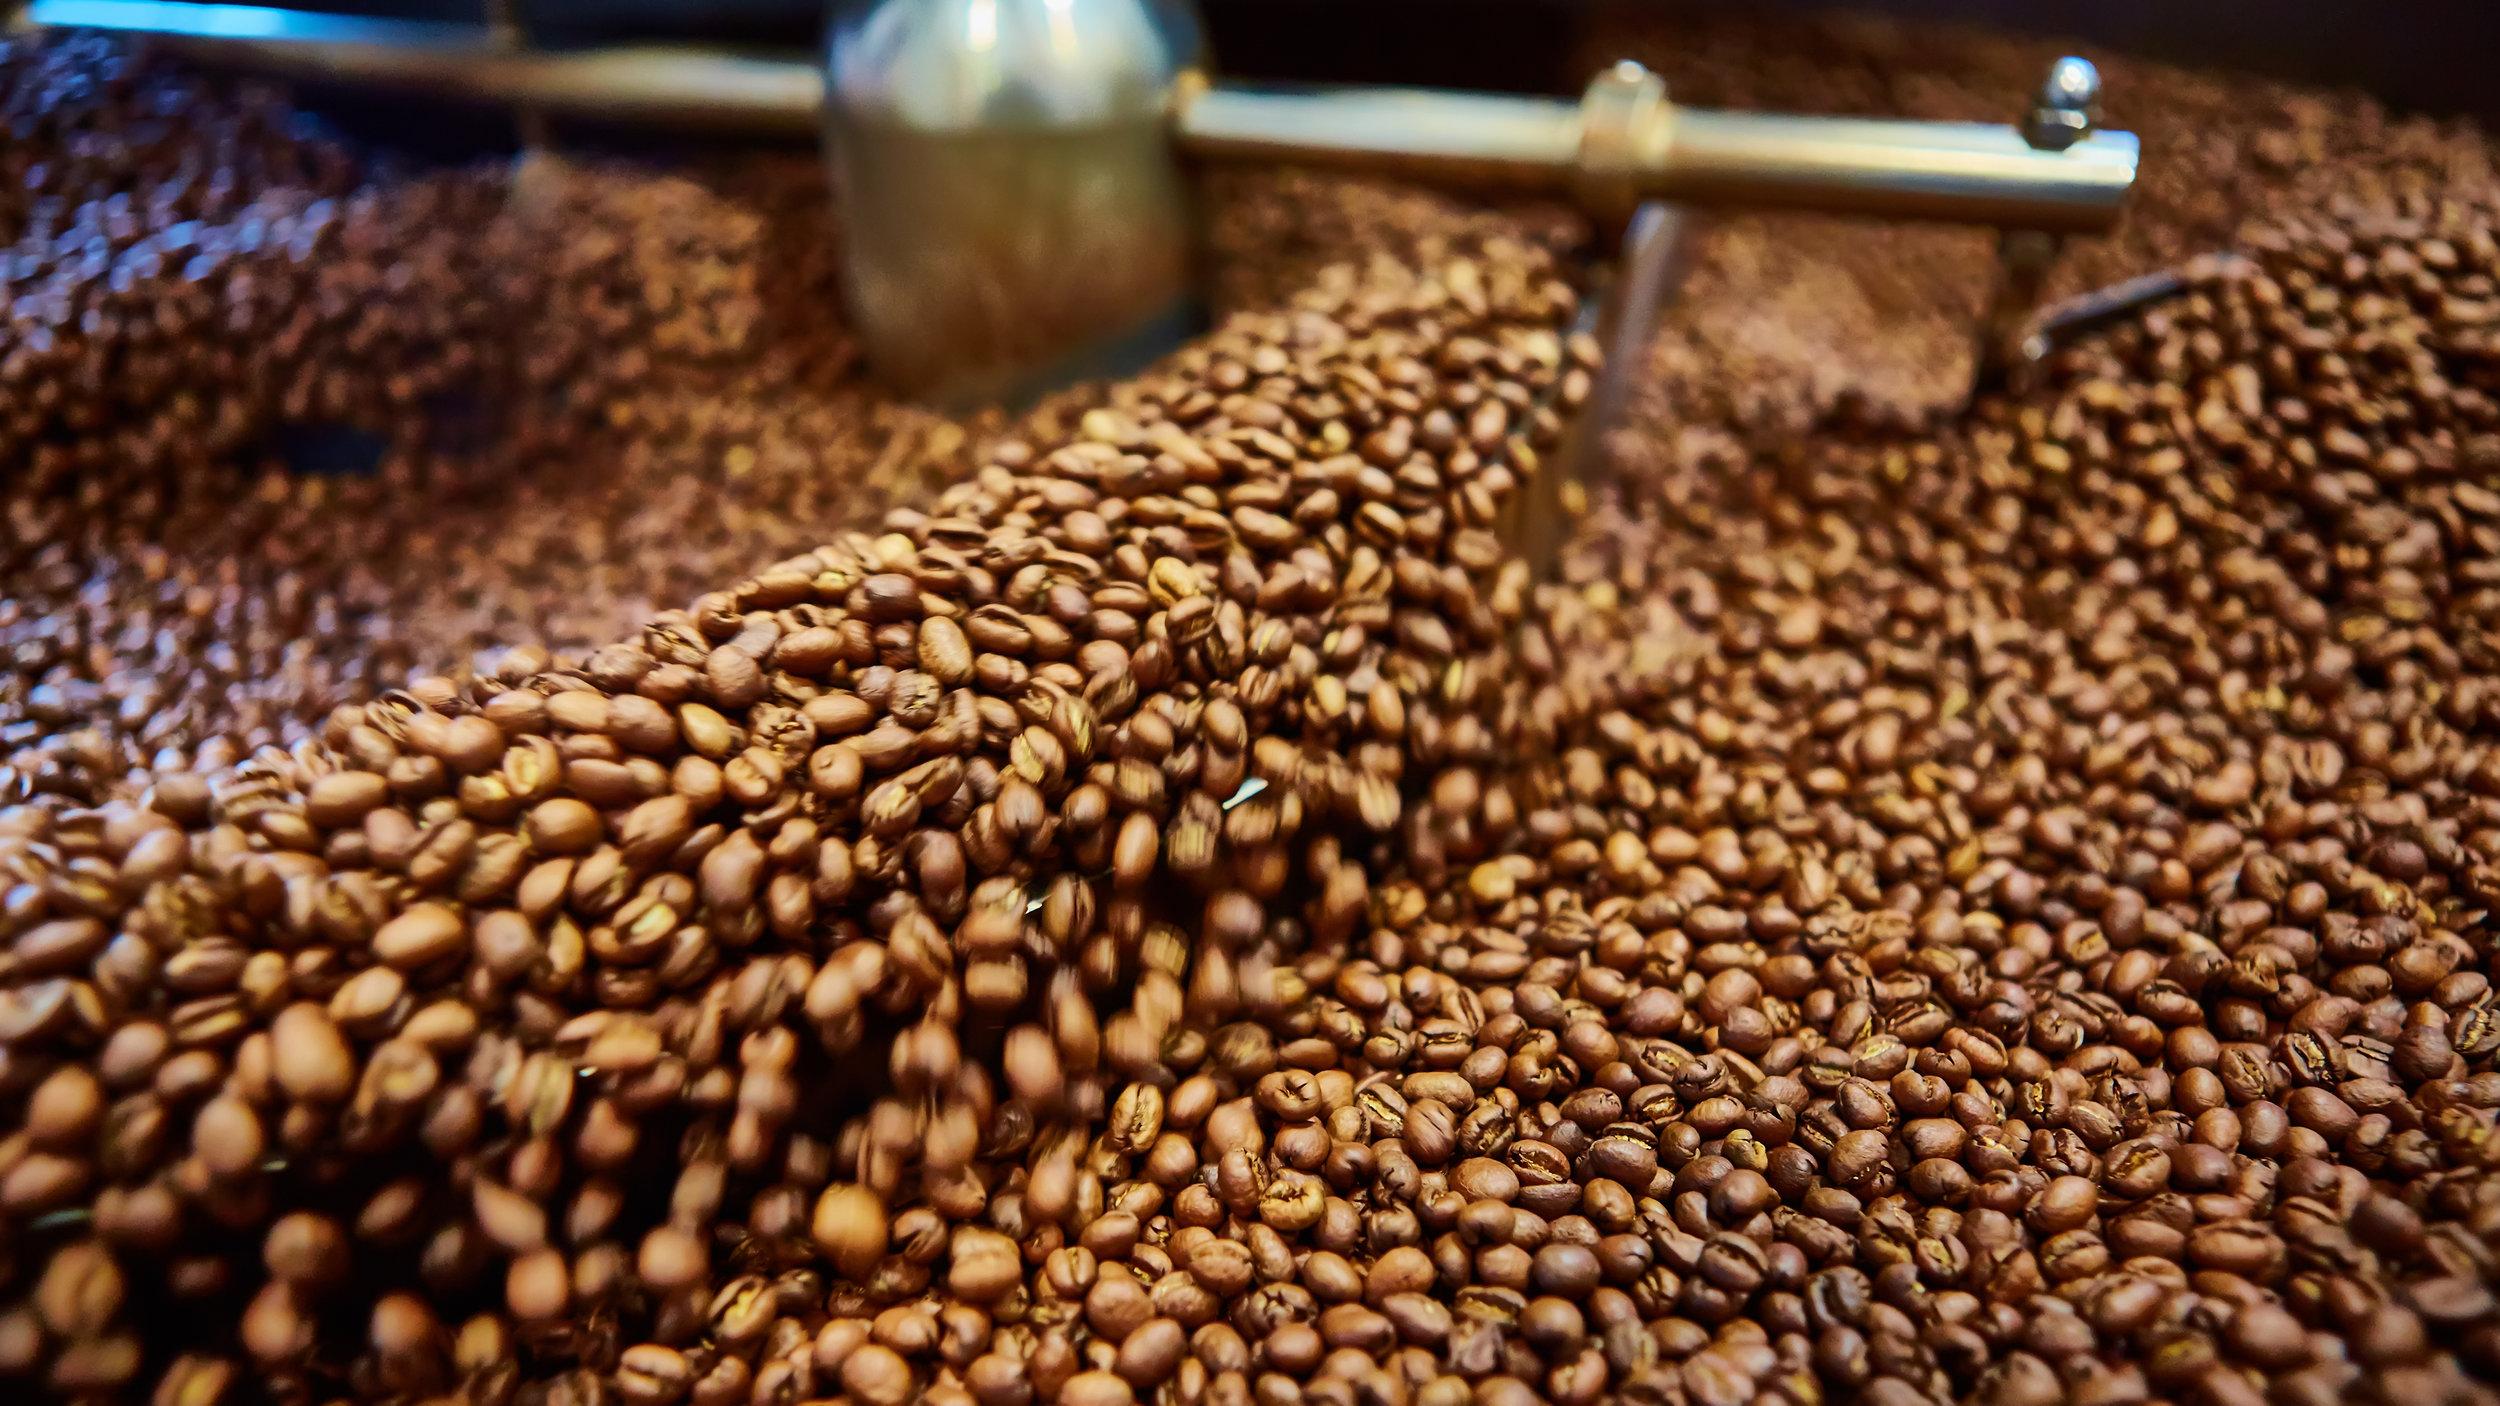 bigstock-Freshly-roasted-coffee-beans-107098928.jpg